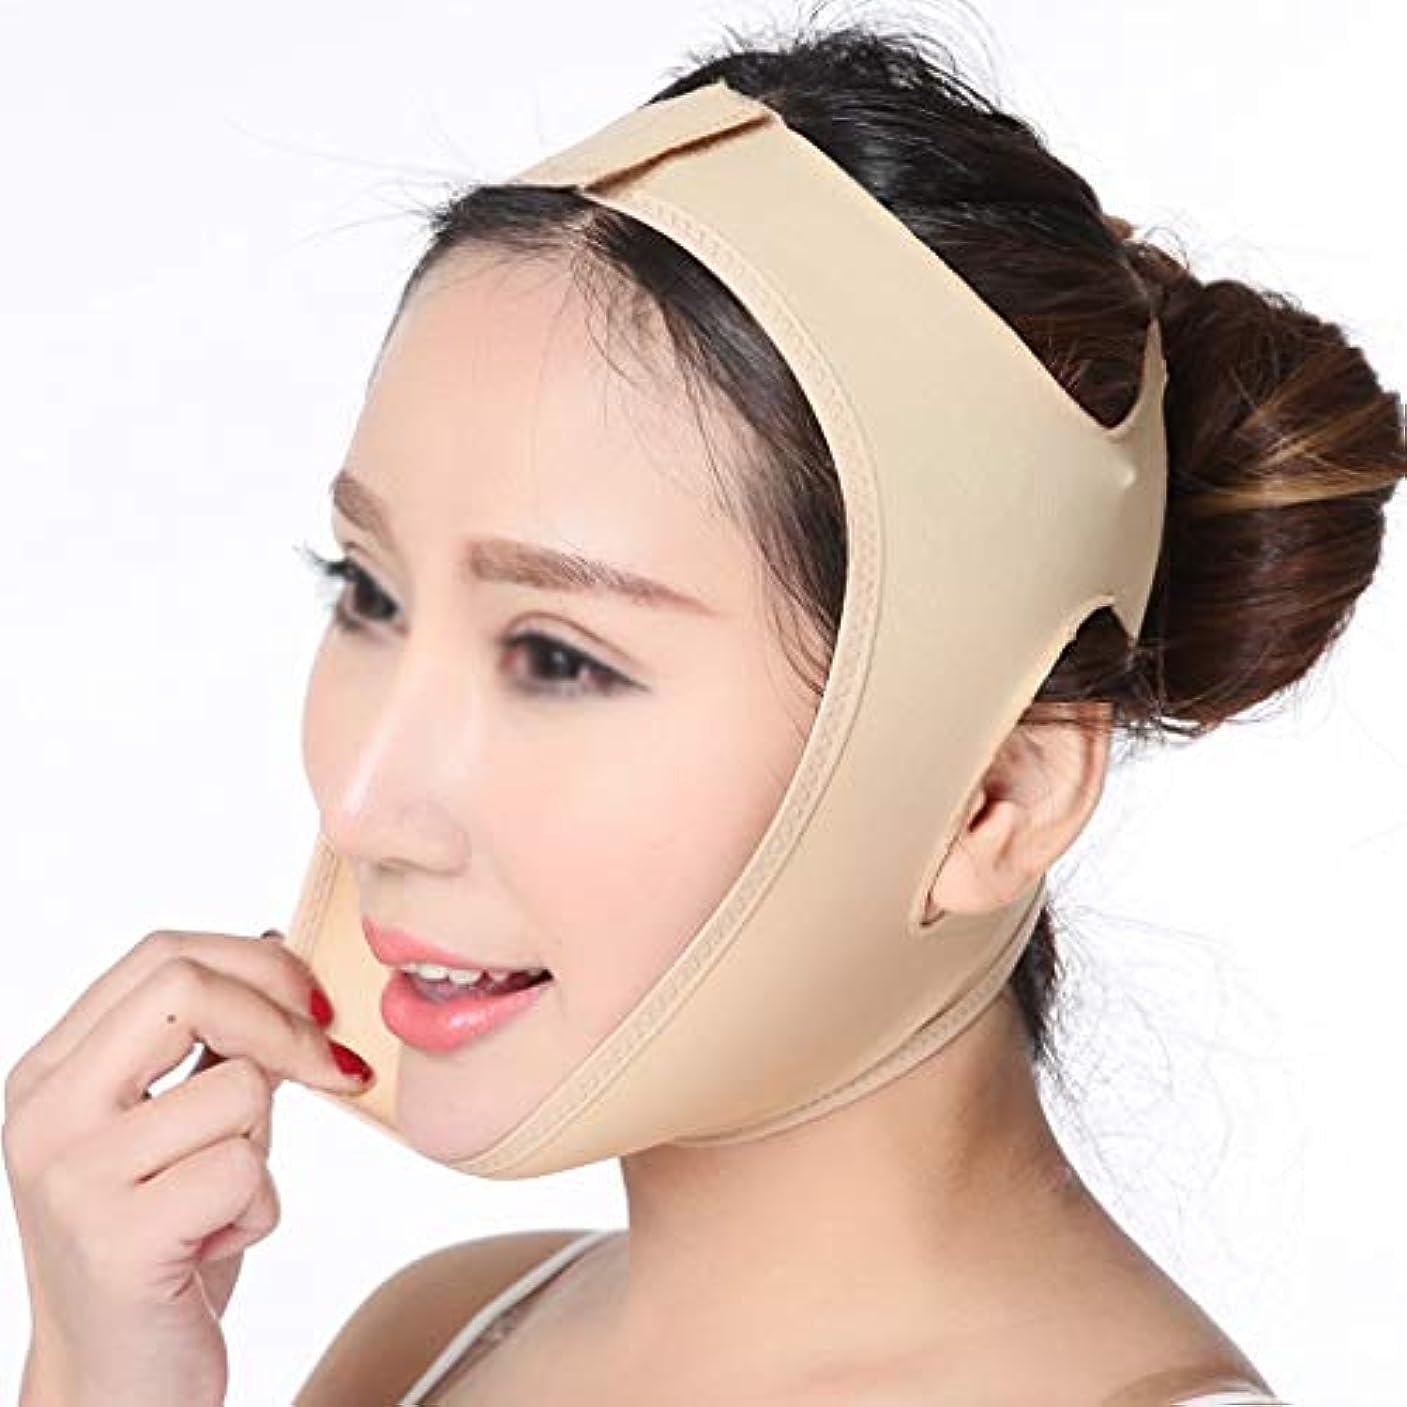 実験的ダッシュパドルMLX ファーミングマスク、アンチたるみ包帯美容マスクV-顔布ツールスリープ薄い顔アーティファクト、正しい顔リフティングベルト、 (Size : S)